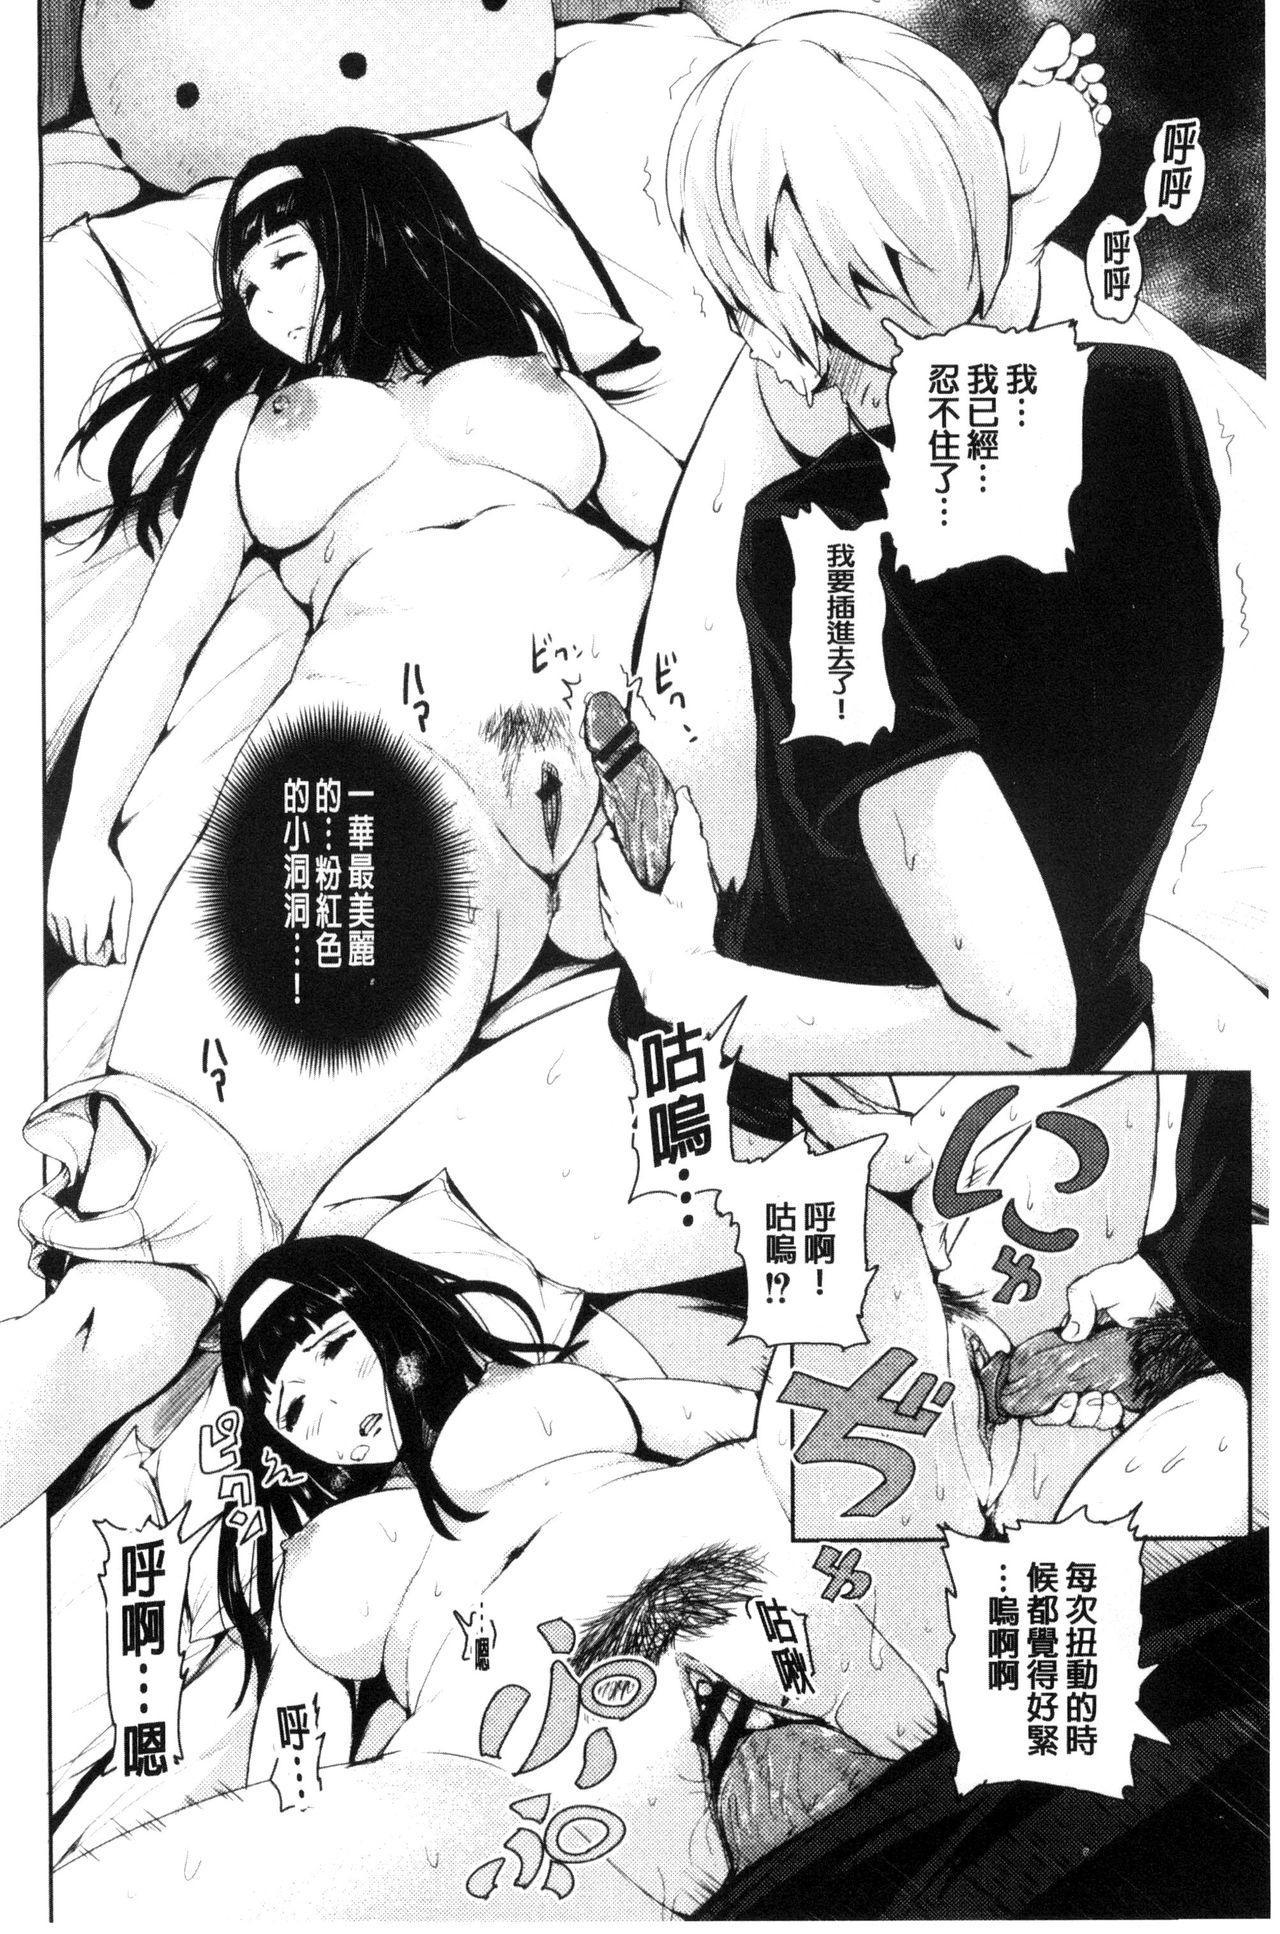 R18 Hatsuiku Shoujo 43